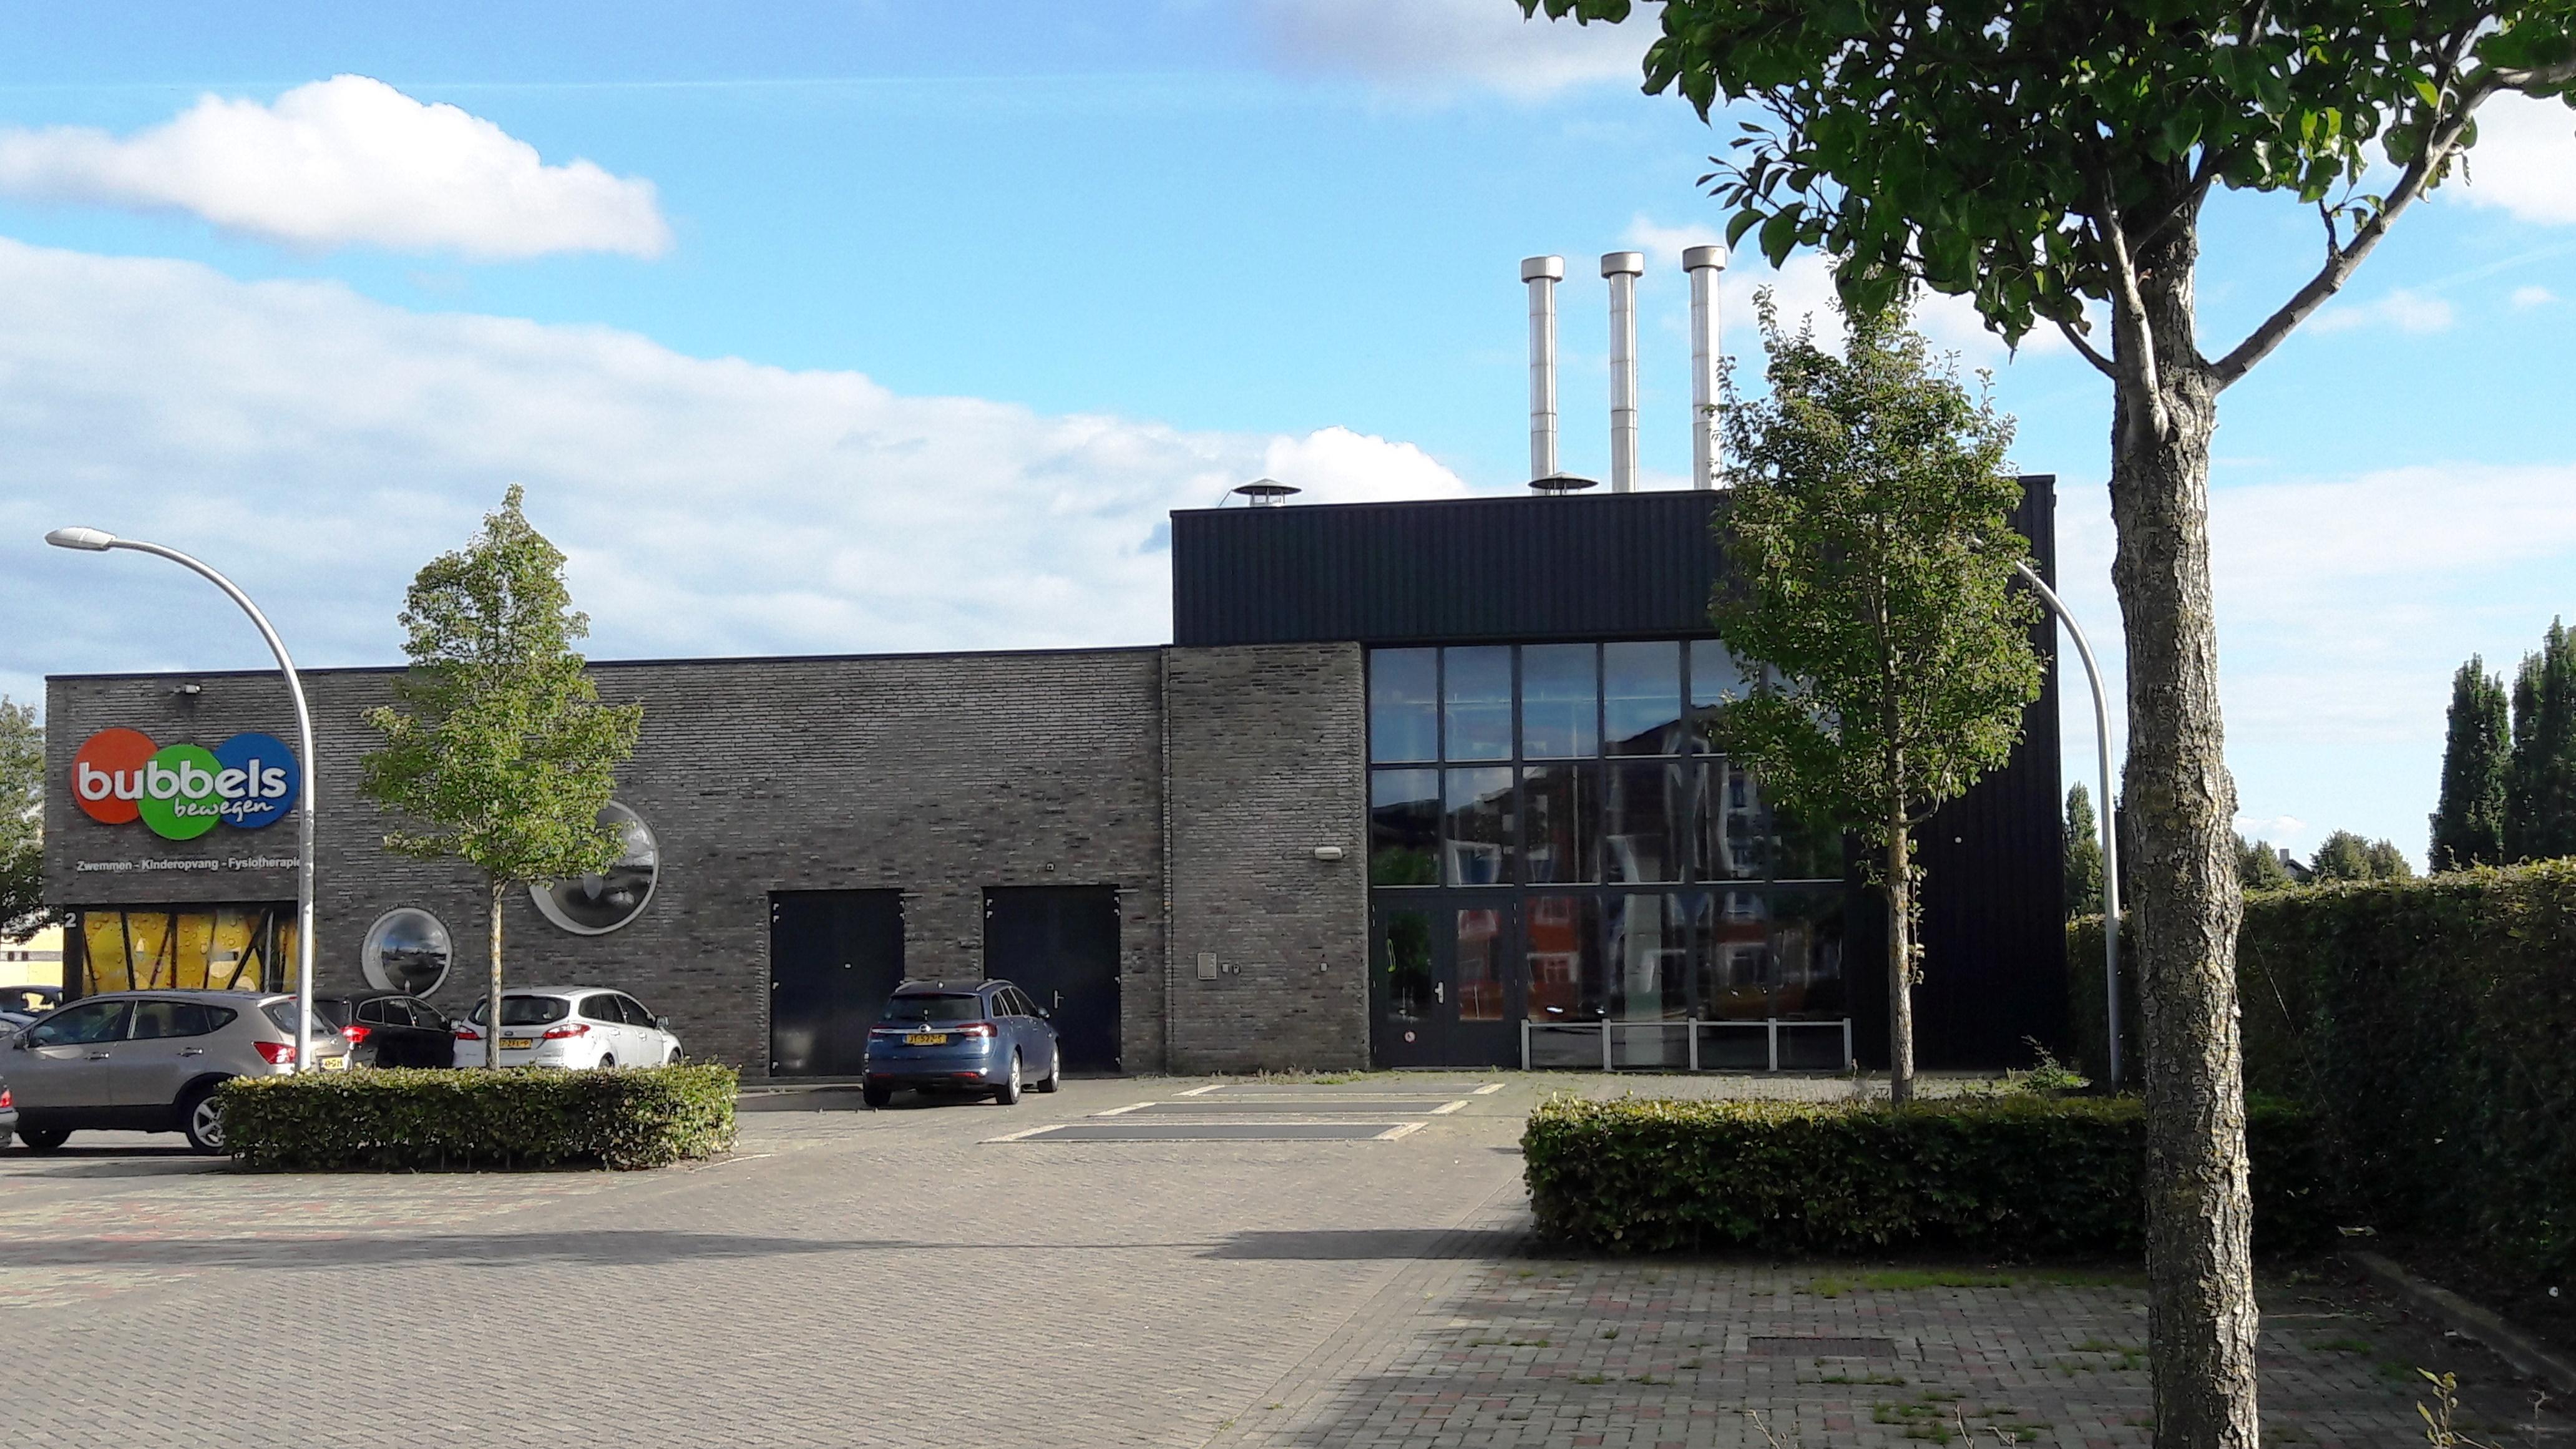 Bewoners Frankhuis vrezen komst biomassacentrale » StadshagenNieuws: alles wat Stadshagen beweegt! - StadshagenNieuws